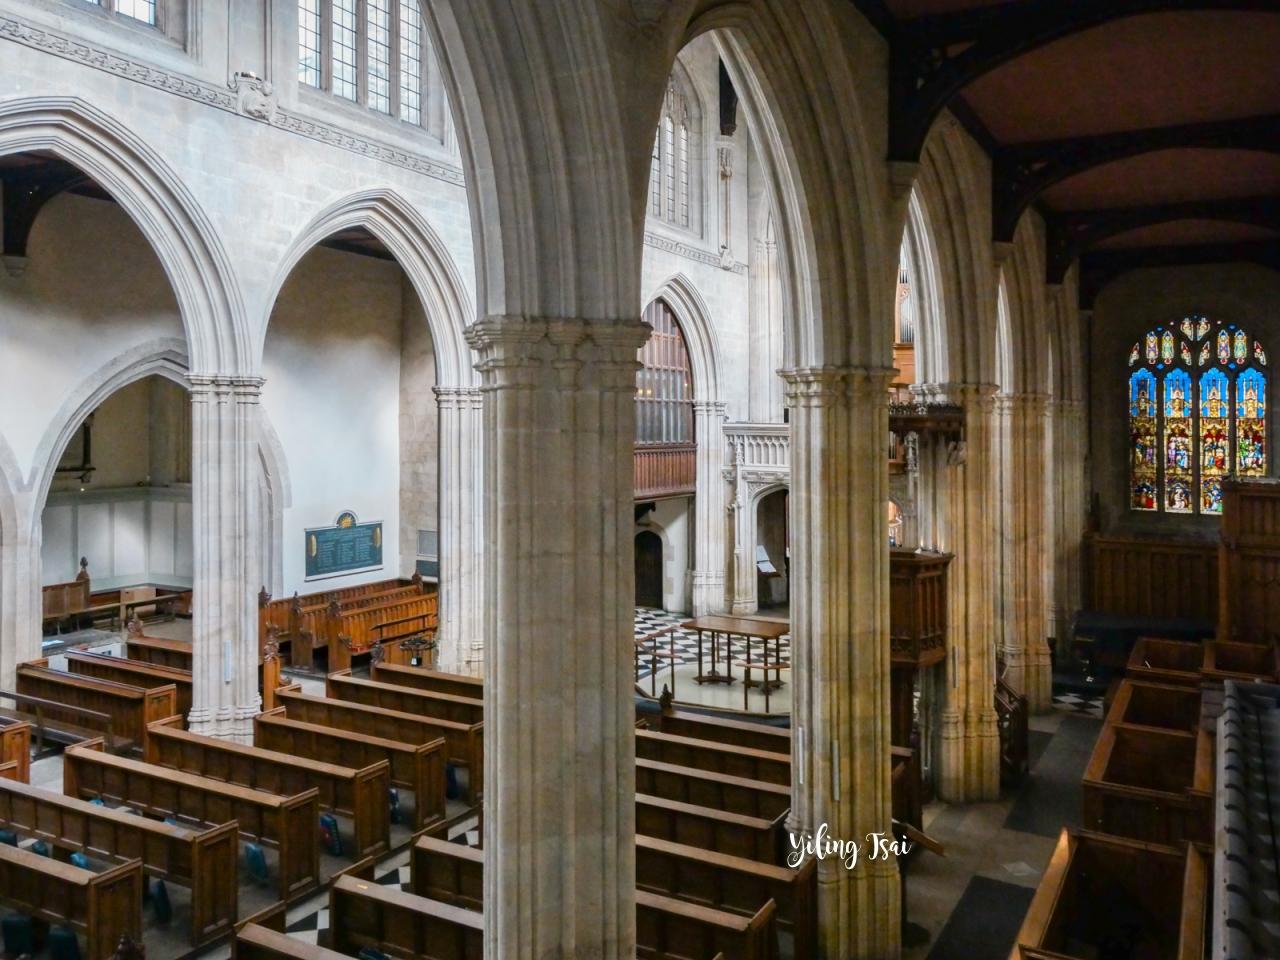 英國牛津景點 聖瑪麗大學教堂 University Church of St Mary the Virgin 登上塔樓欣賞牛津美景